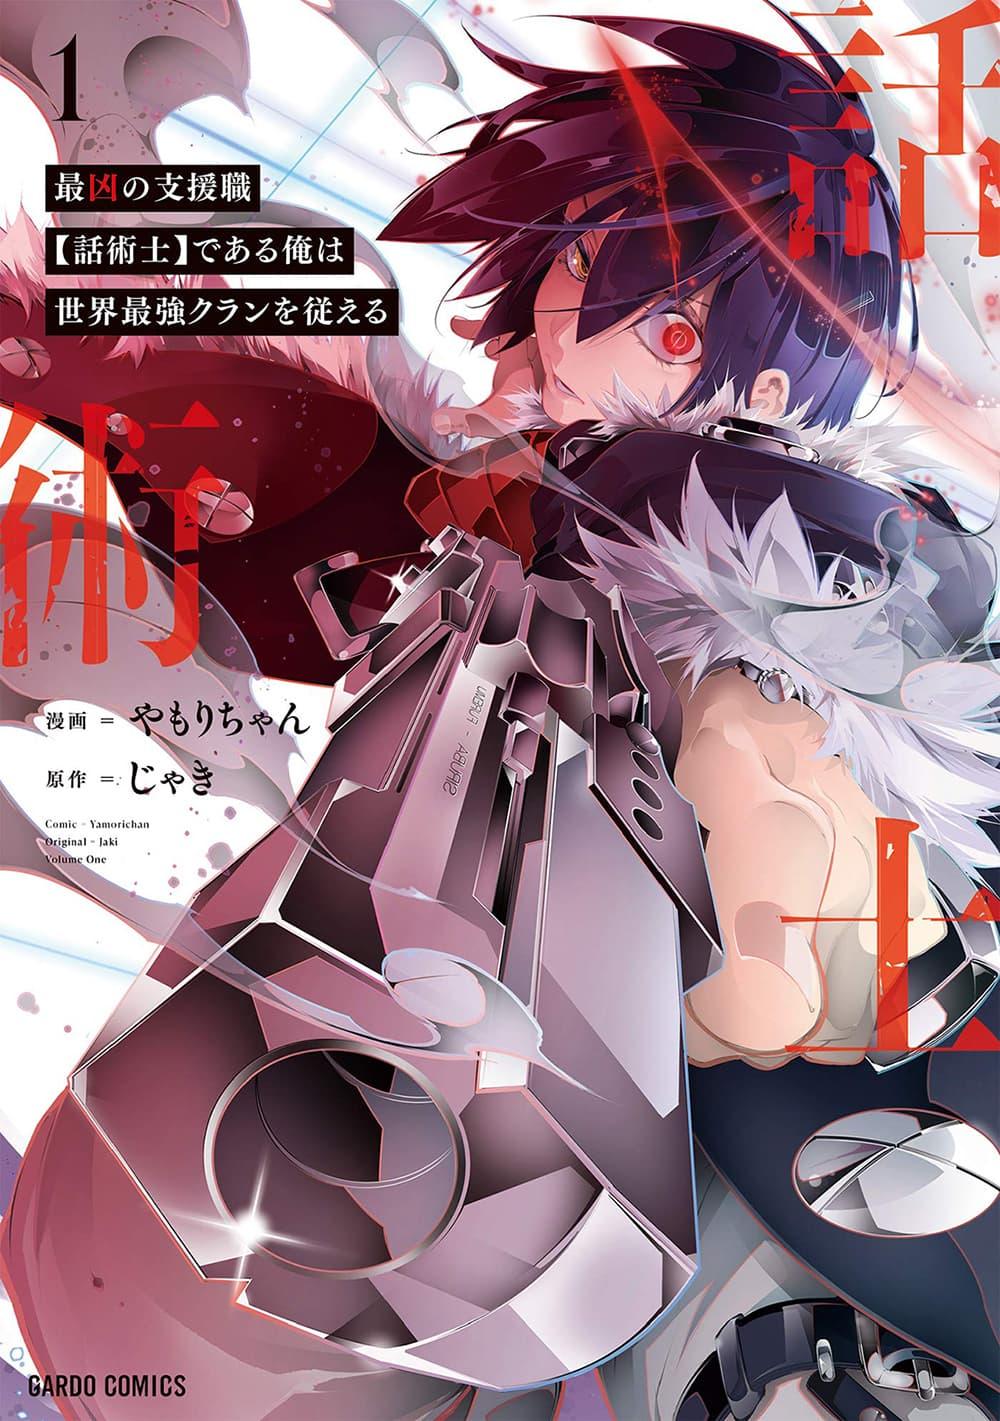 อ่านการ์ตูน Saikyou no Shien-shoku Wajutsushi Dearu Ore wa Sekai Saikyou Kuran o Shitagaeru ตอนที่ 9 หน้าที่ 1